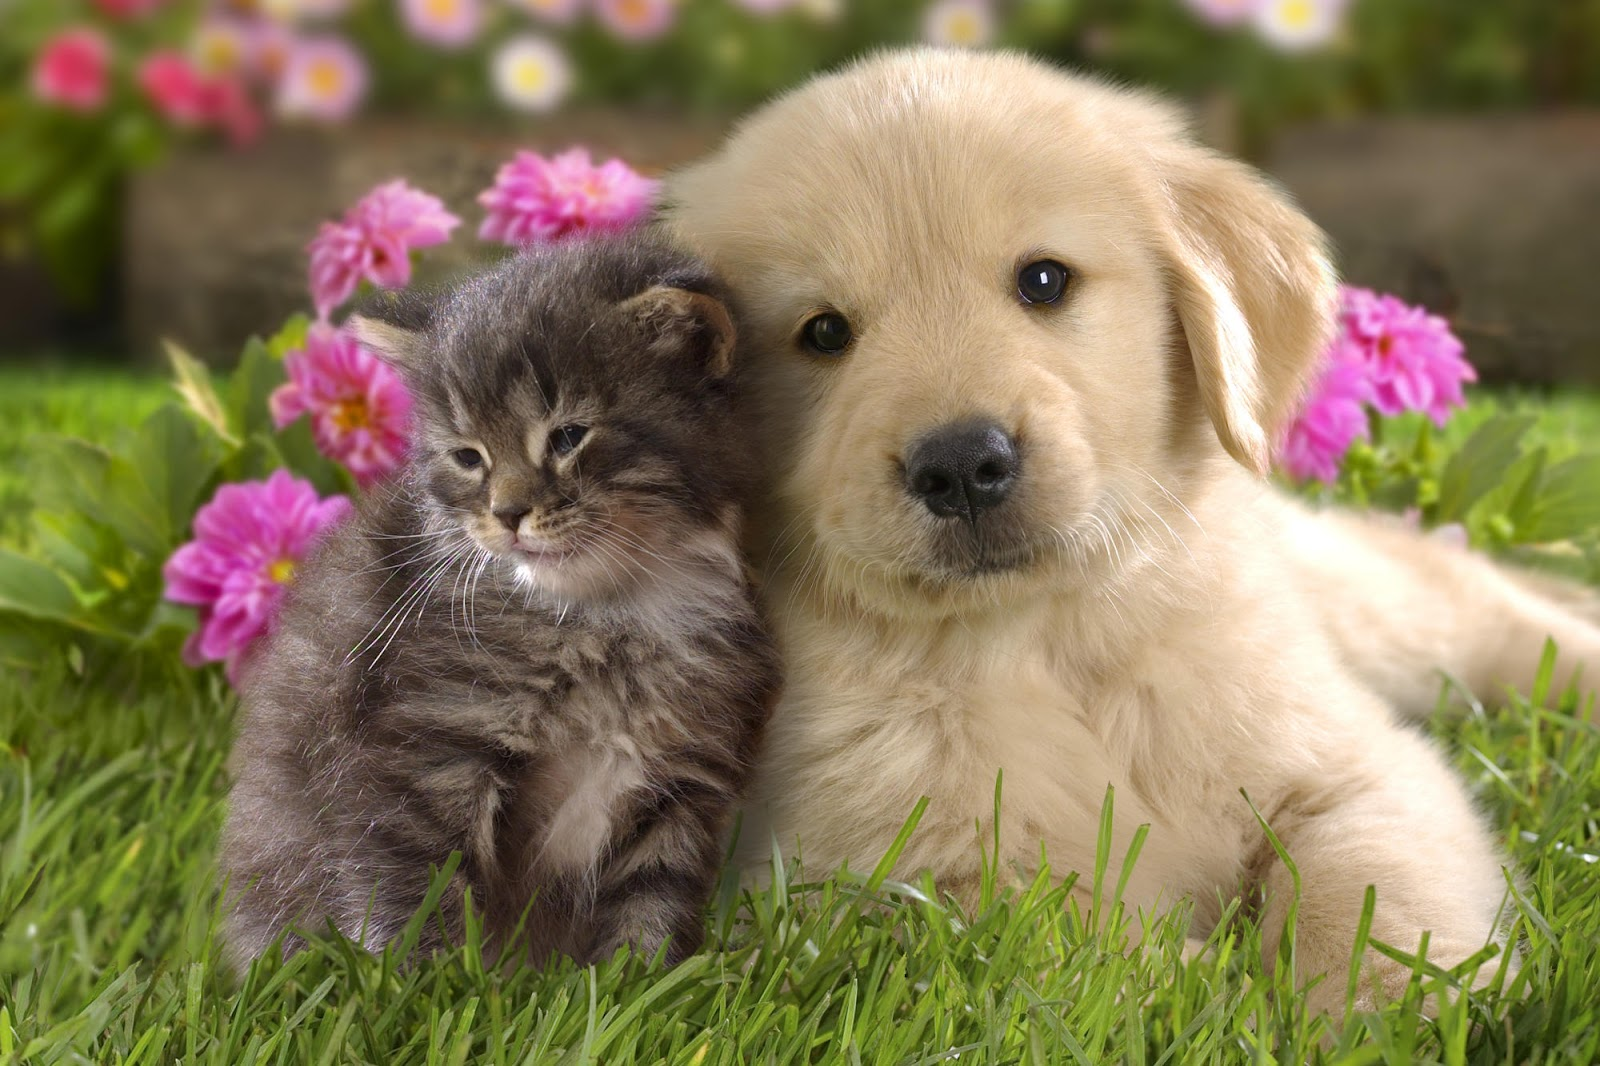 Cuteness Overload Kitten And Puppy Wallpaper Free Money Stuffs Rh Freemoneystuffs Blogspot Com Funny Dog Wallpapers